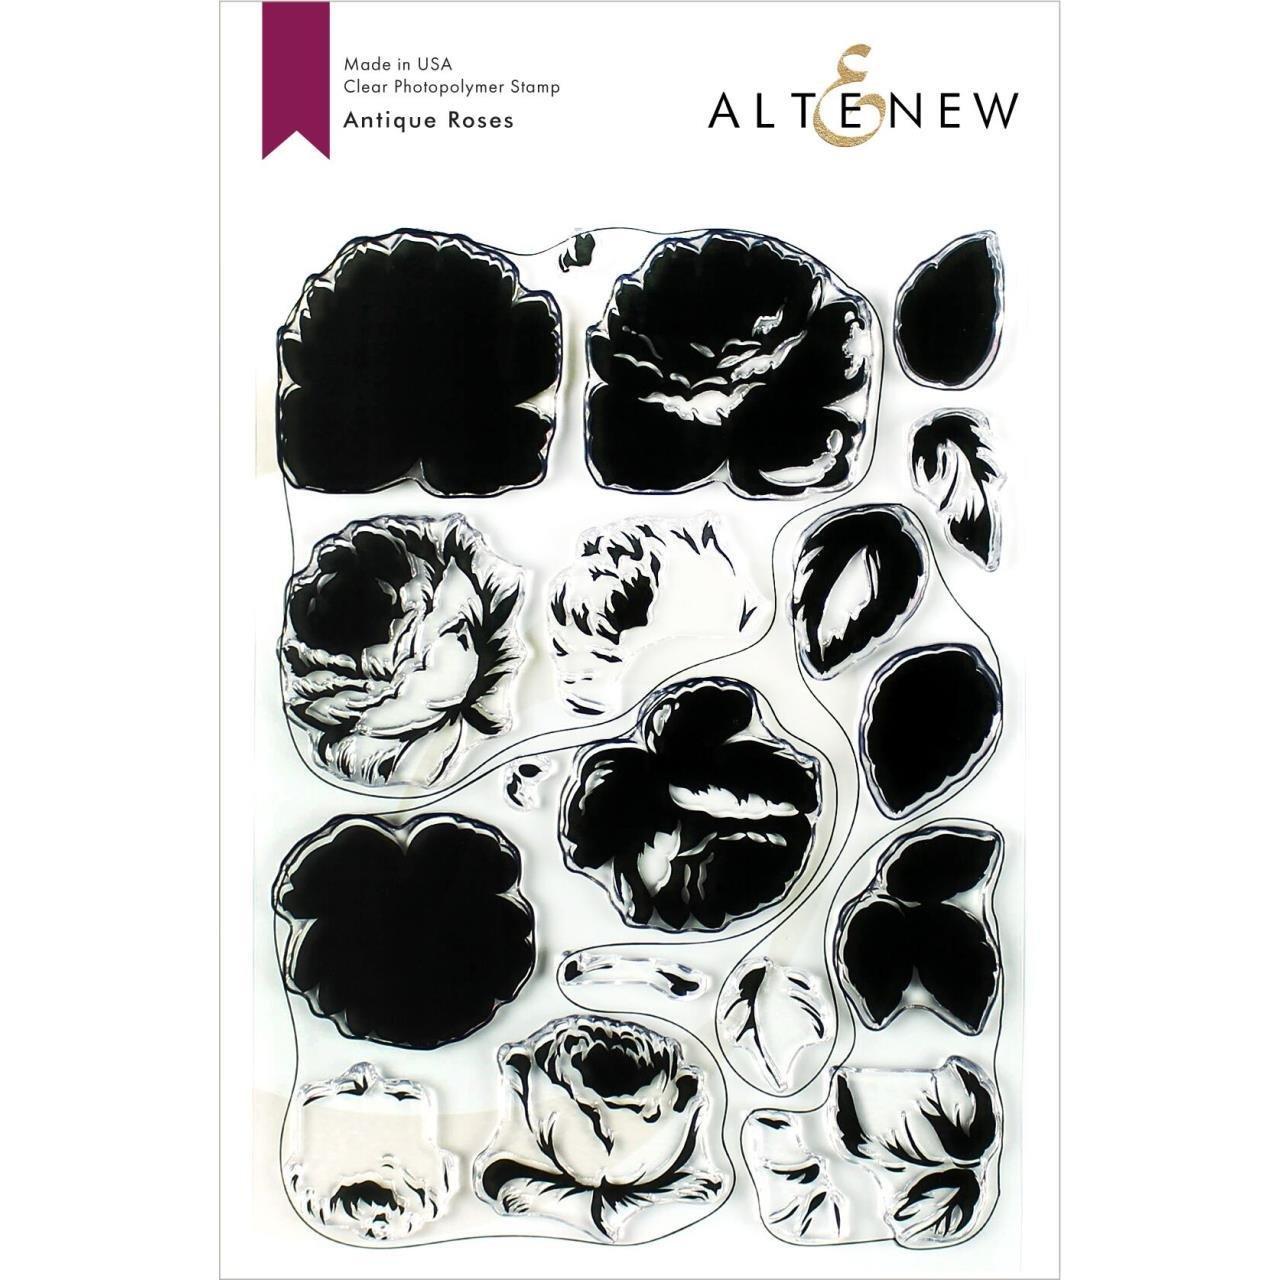 Altenew - Antique Roses Stamp/Die Set